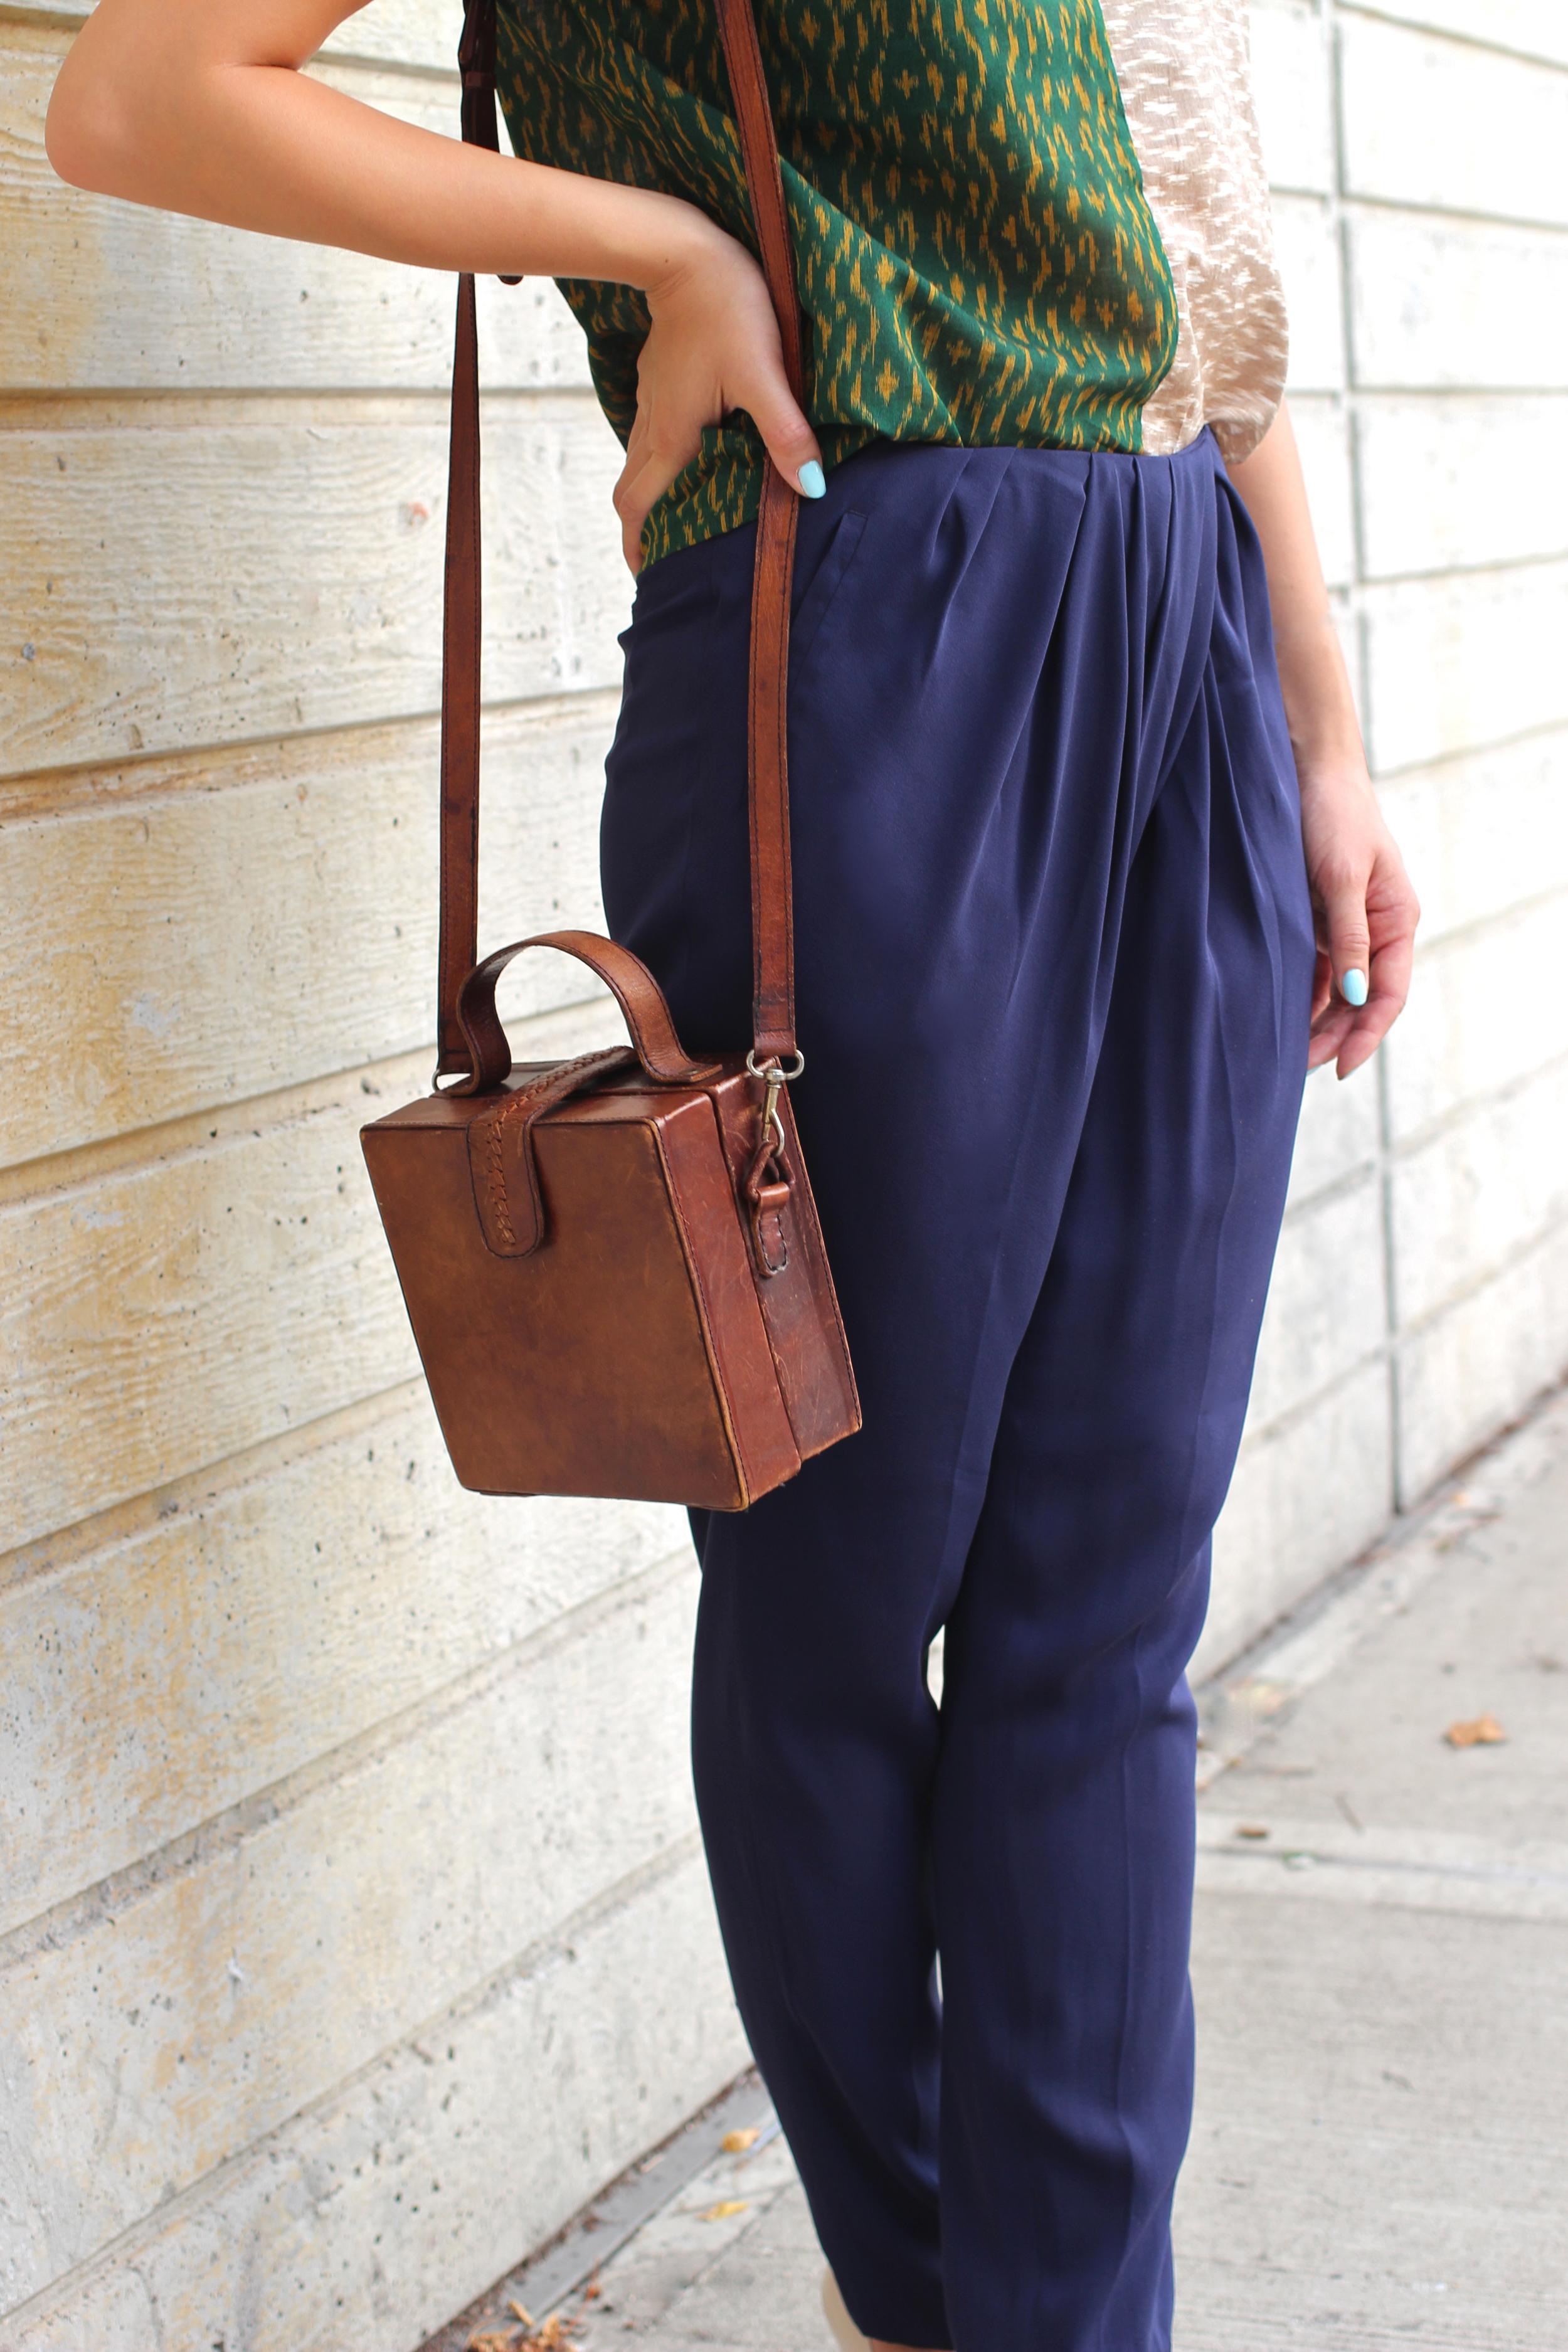 pleated_pants_vintage_leather_bag.jpg